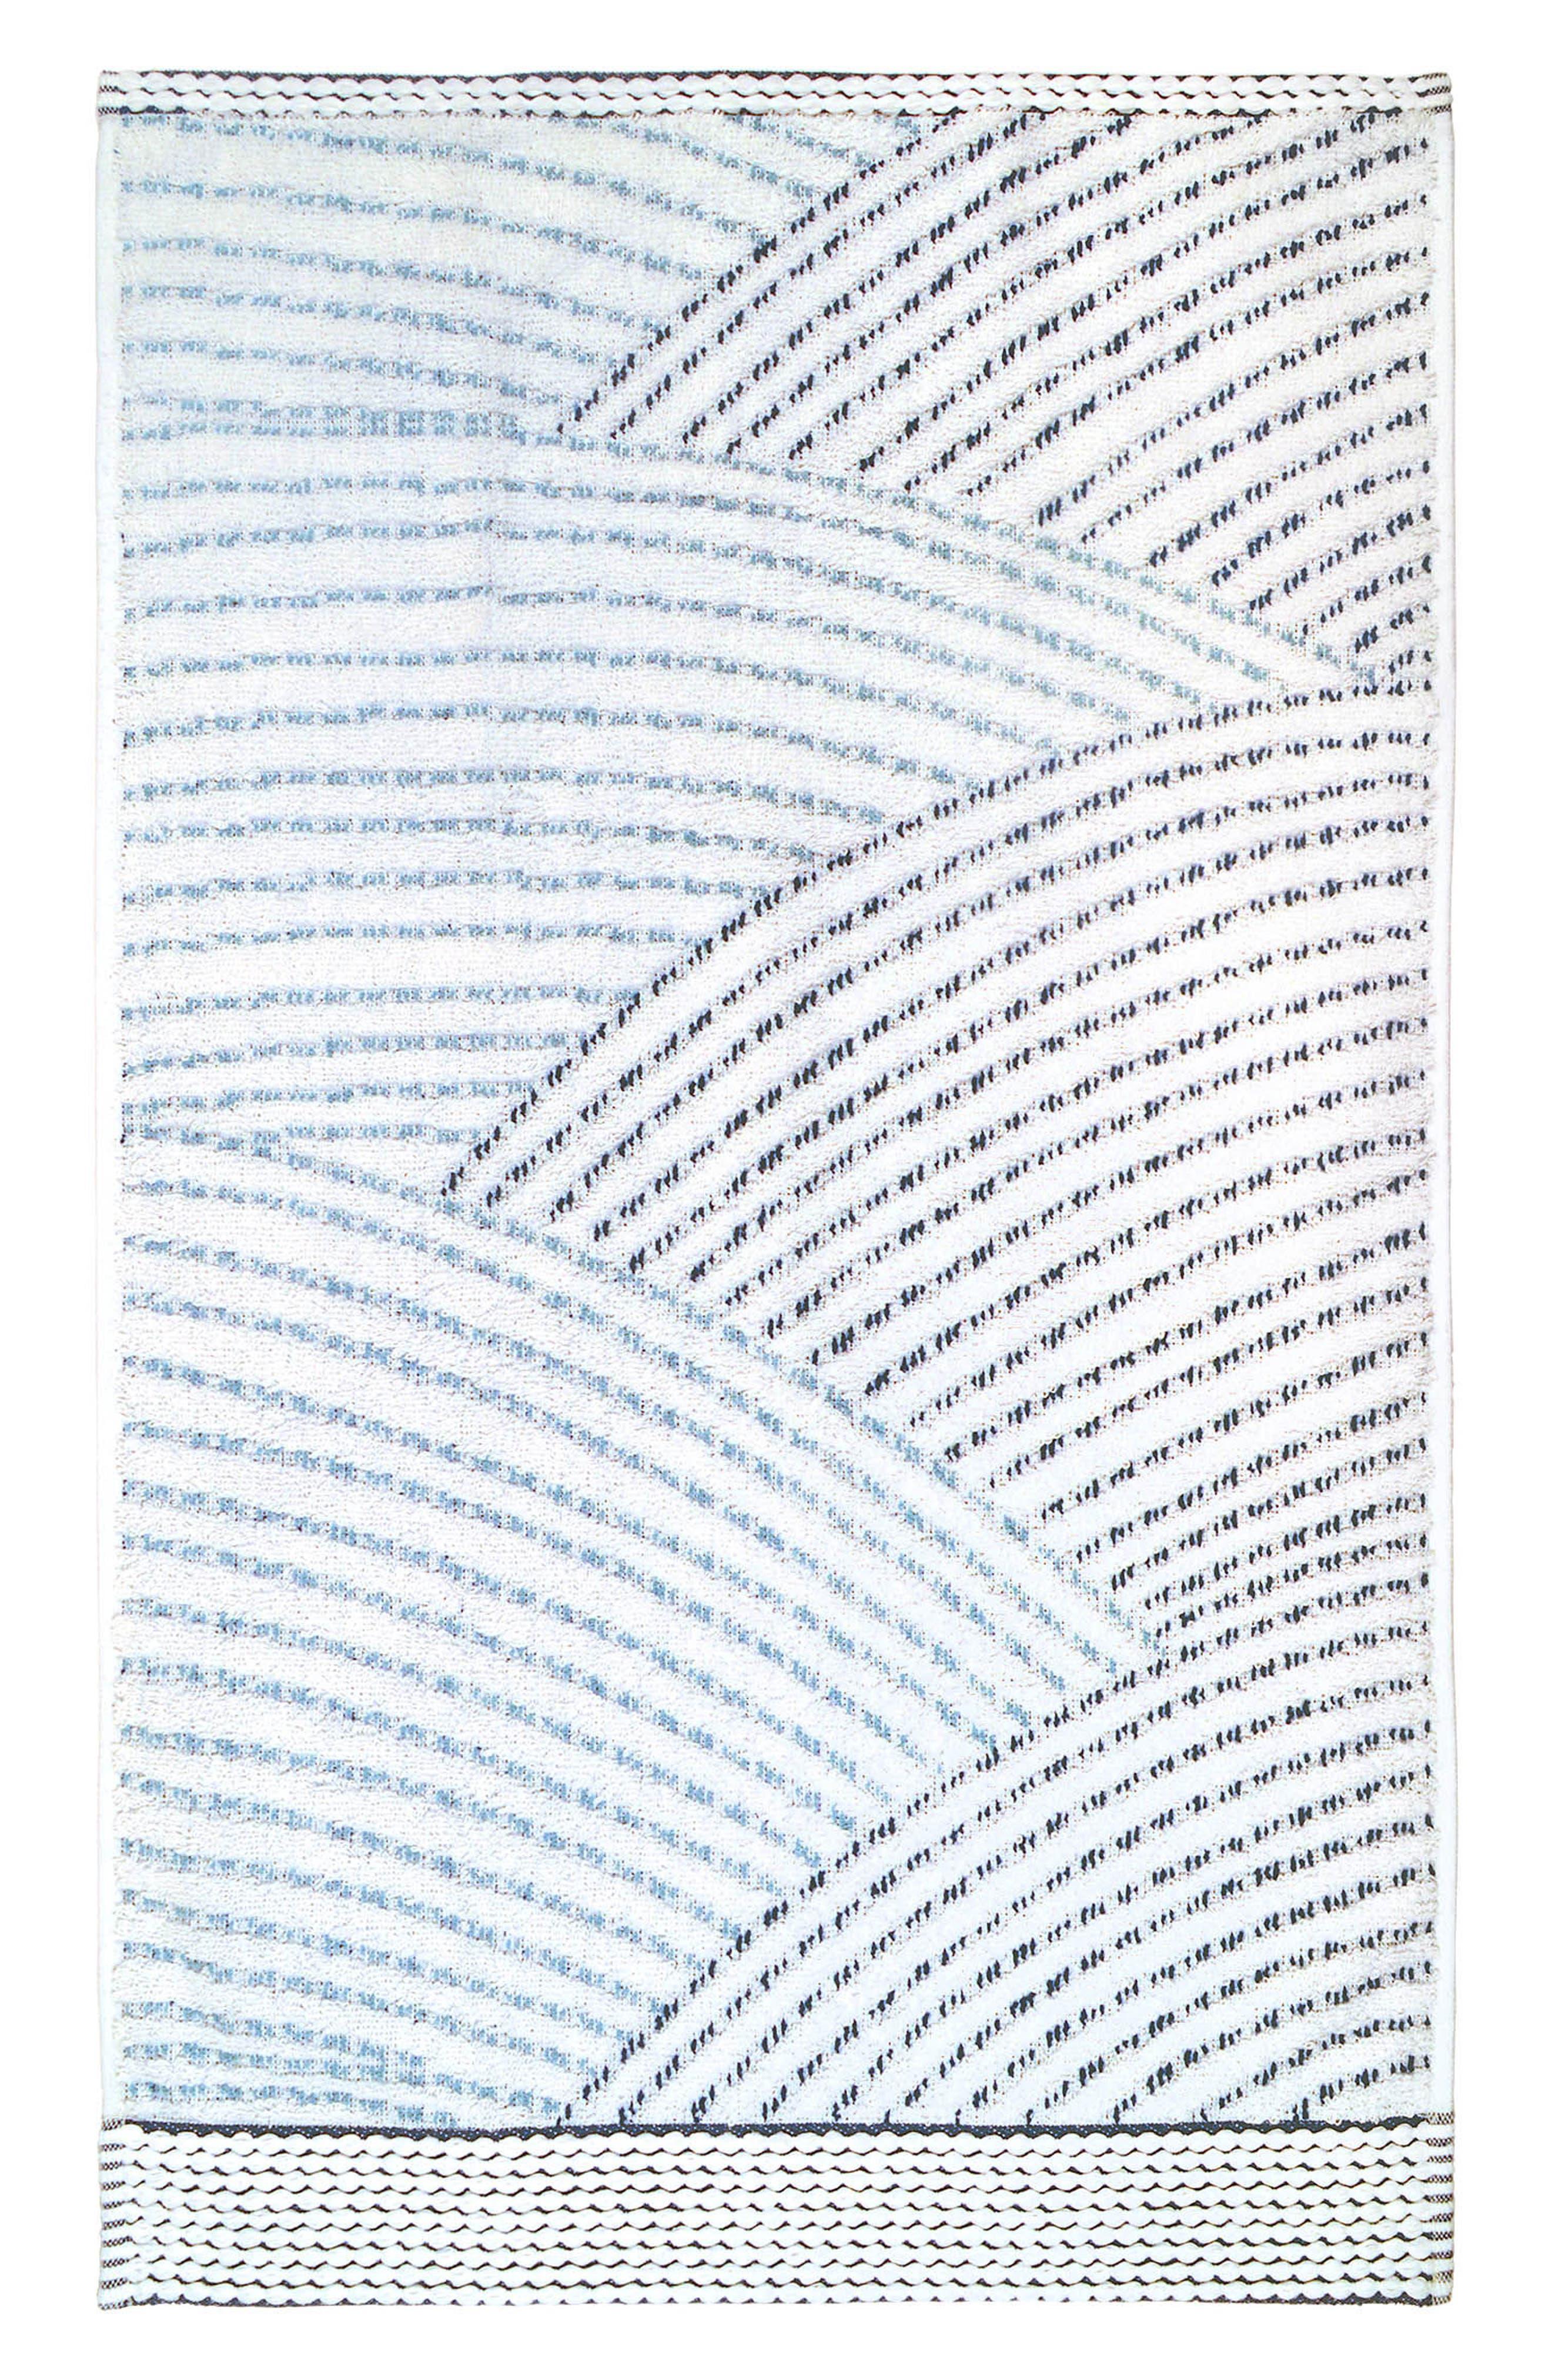 Alternate Image 1 Selected - John Robshaw Sazid Hand Towel